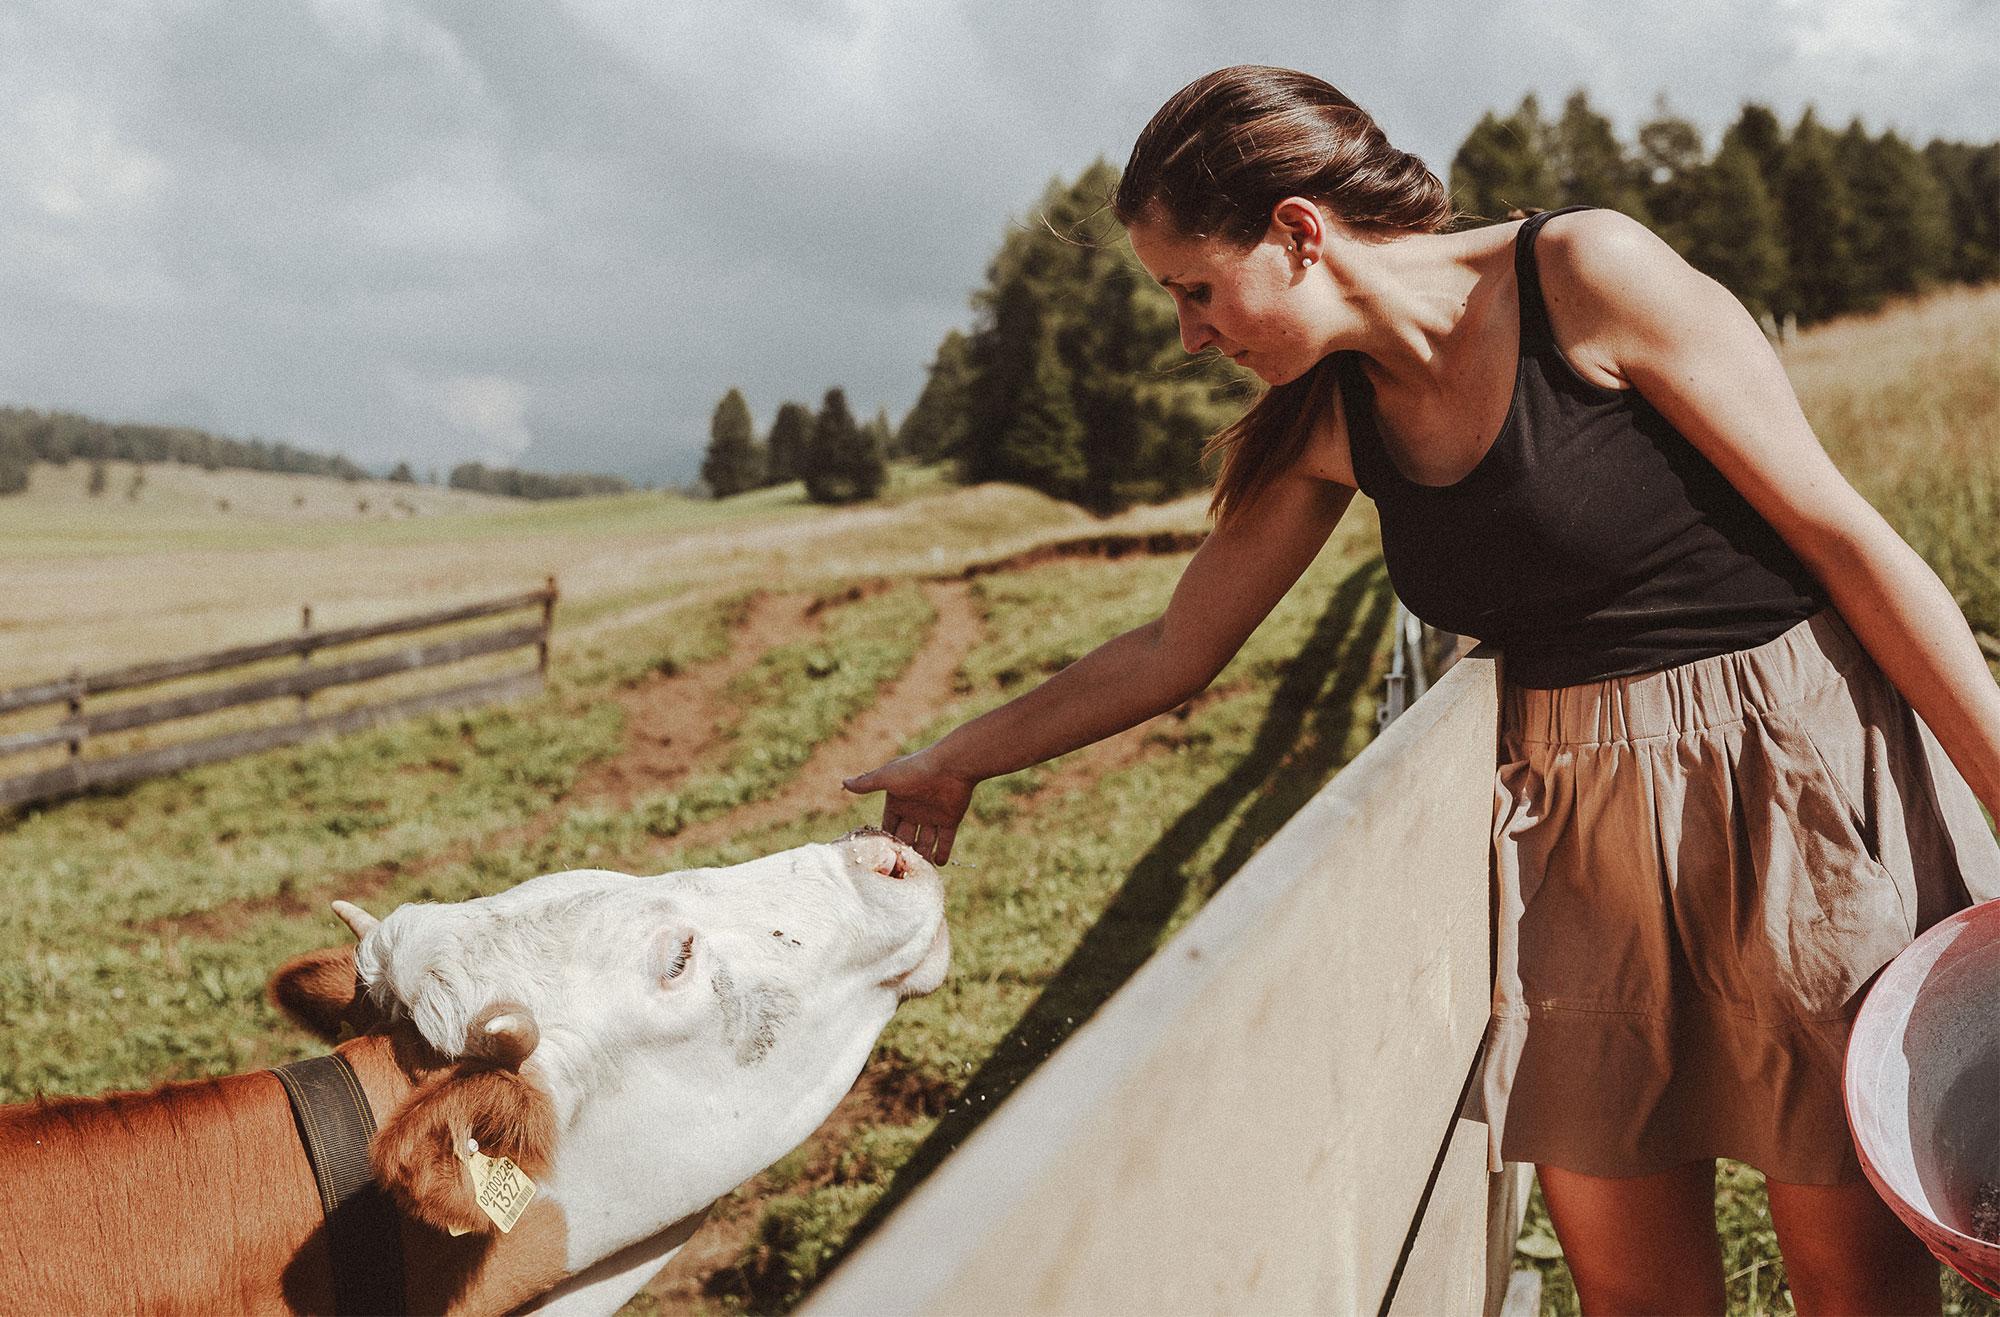 Wer möchte, kann sich bei der Farmarbeit aktiv einbringen